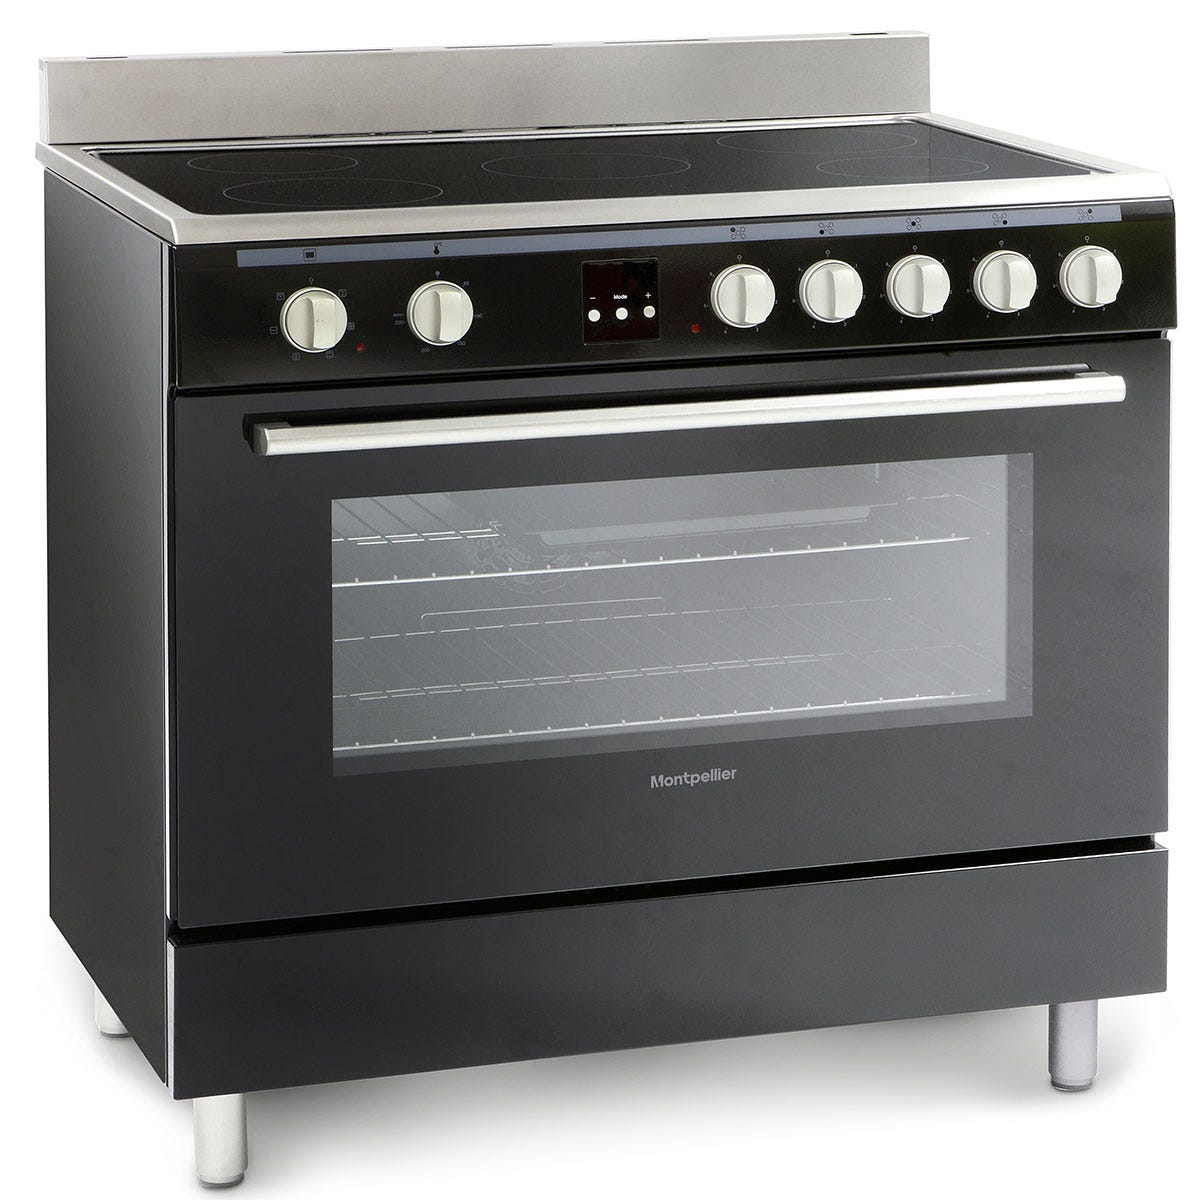 Montpellier MR90CEMK 90cm Ceramic Range Cooker - Black